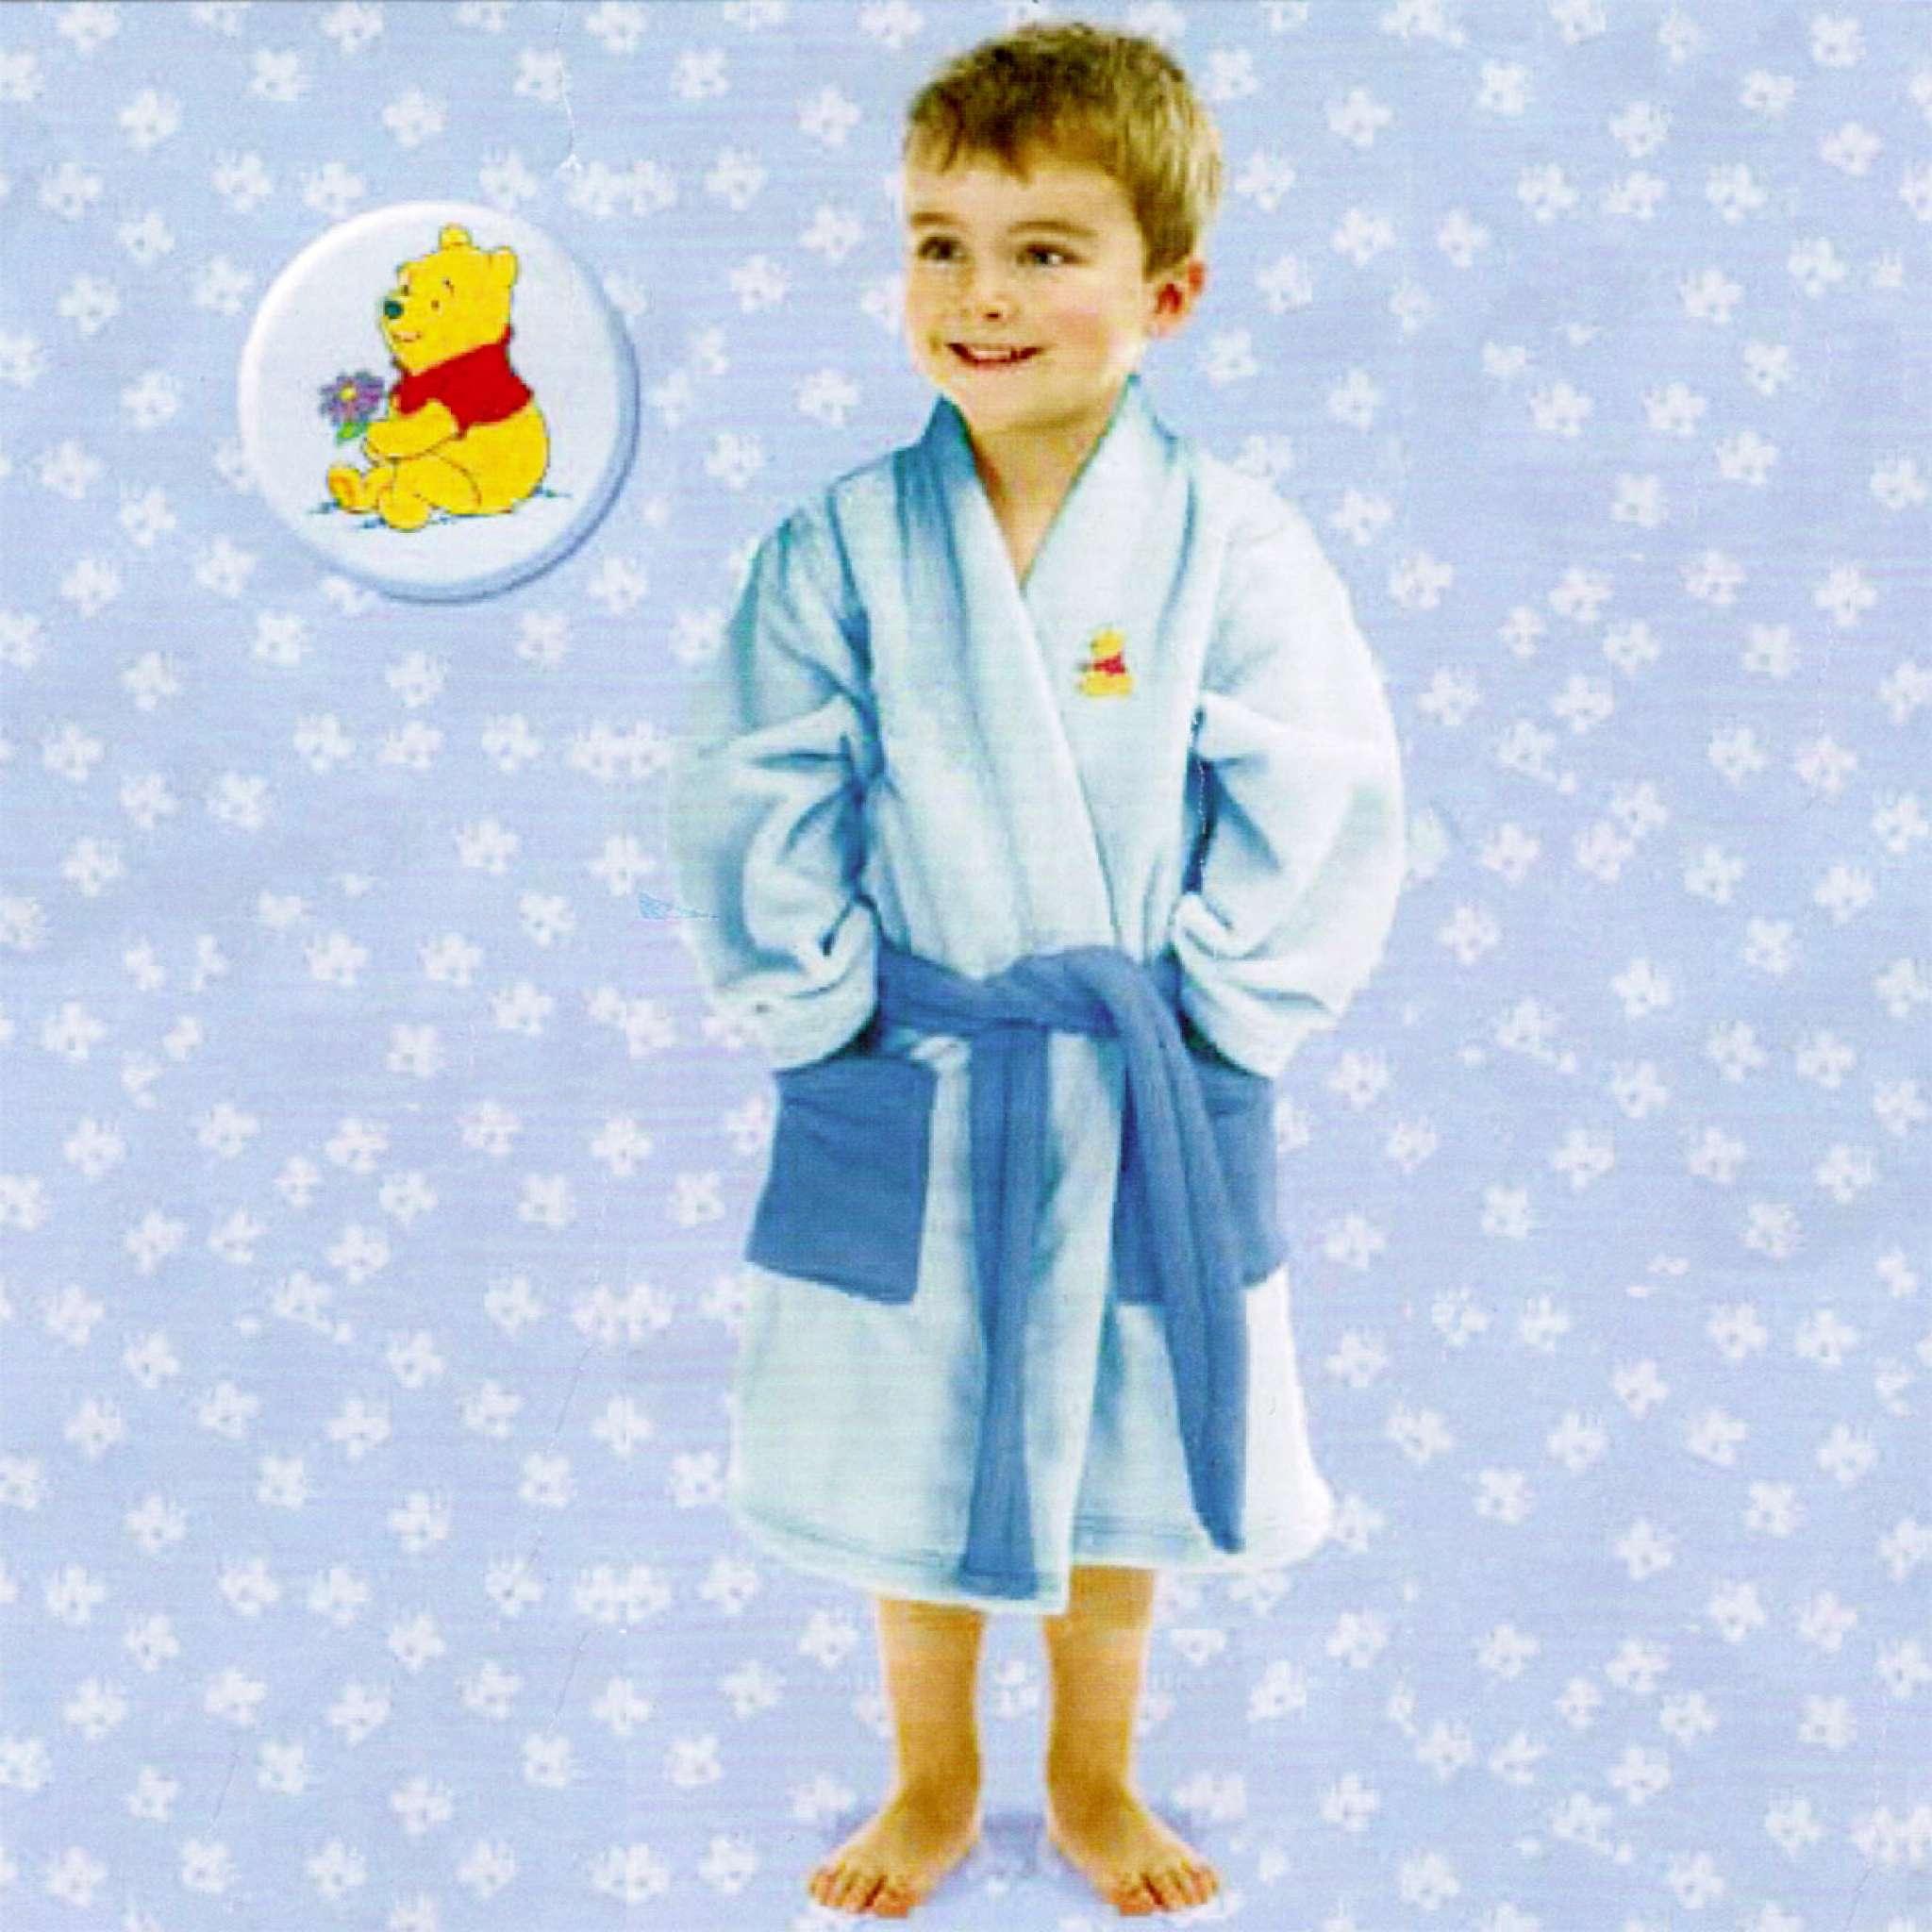 Badekåpe Barn Ole brumm 6-8 år